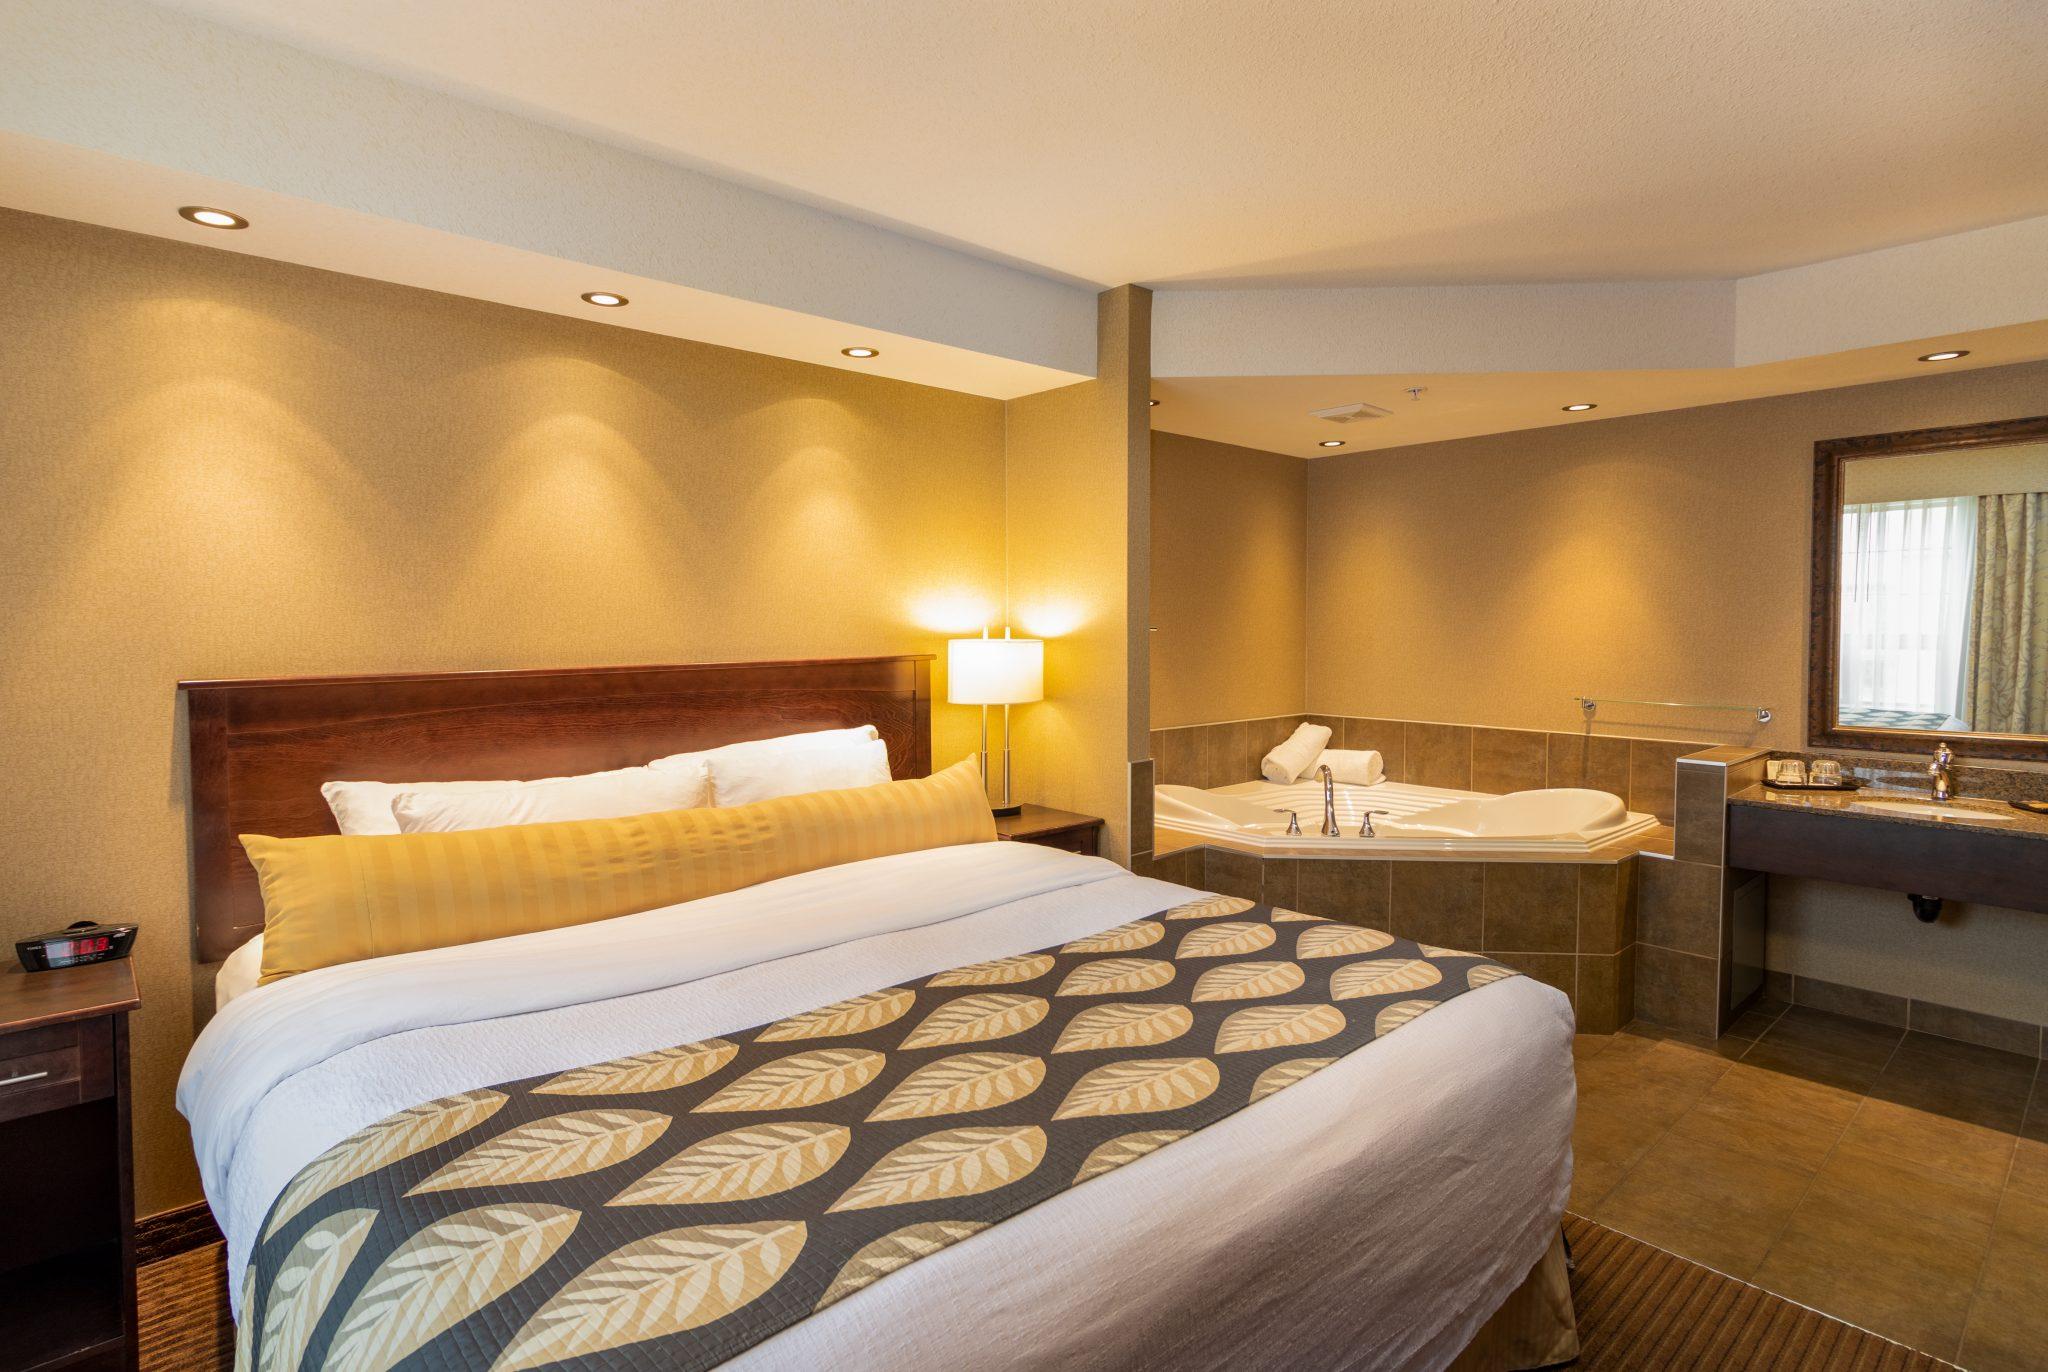 hotel in fort saskatchewan Kanata Inns Fort Saskatchewan Jacuszzi Suite